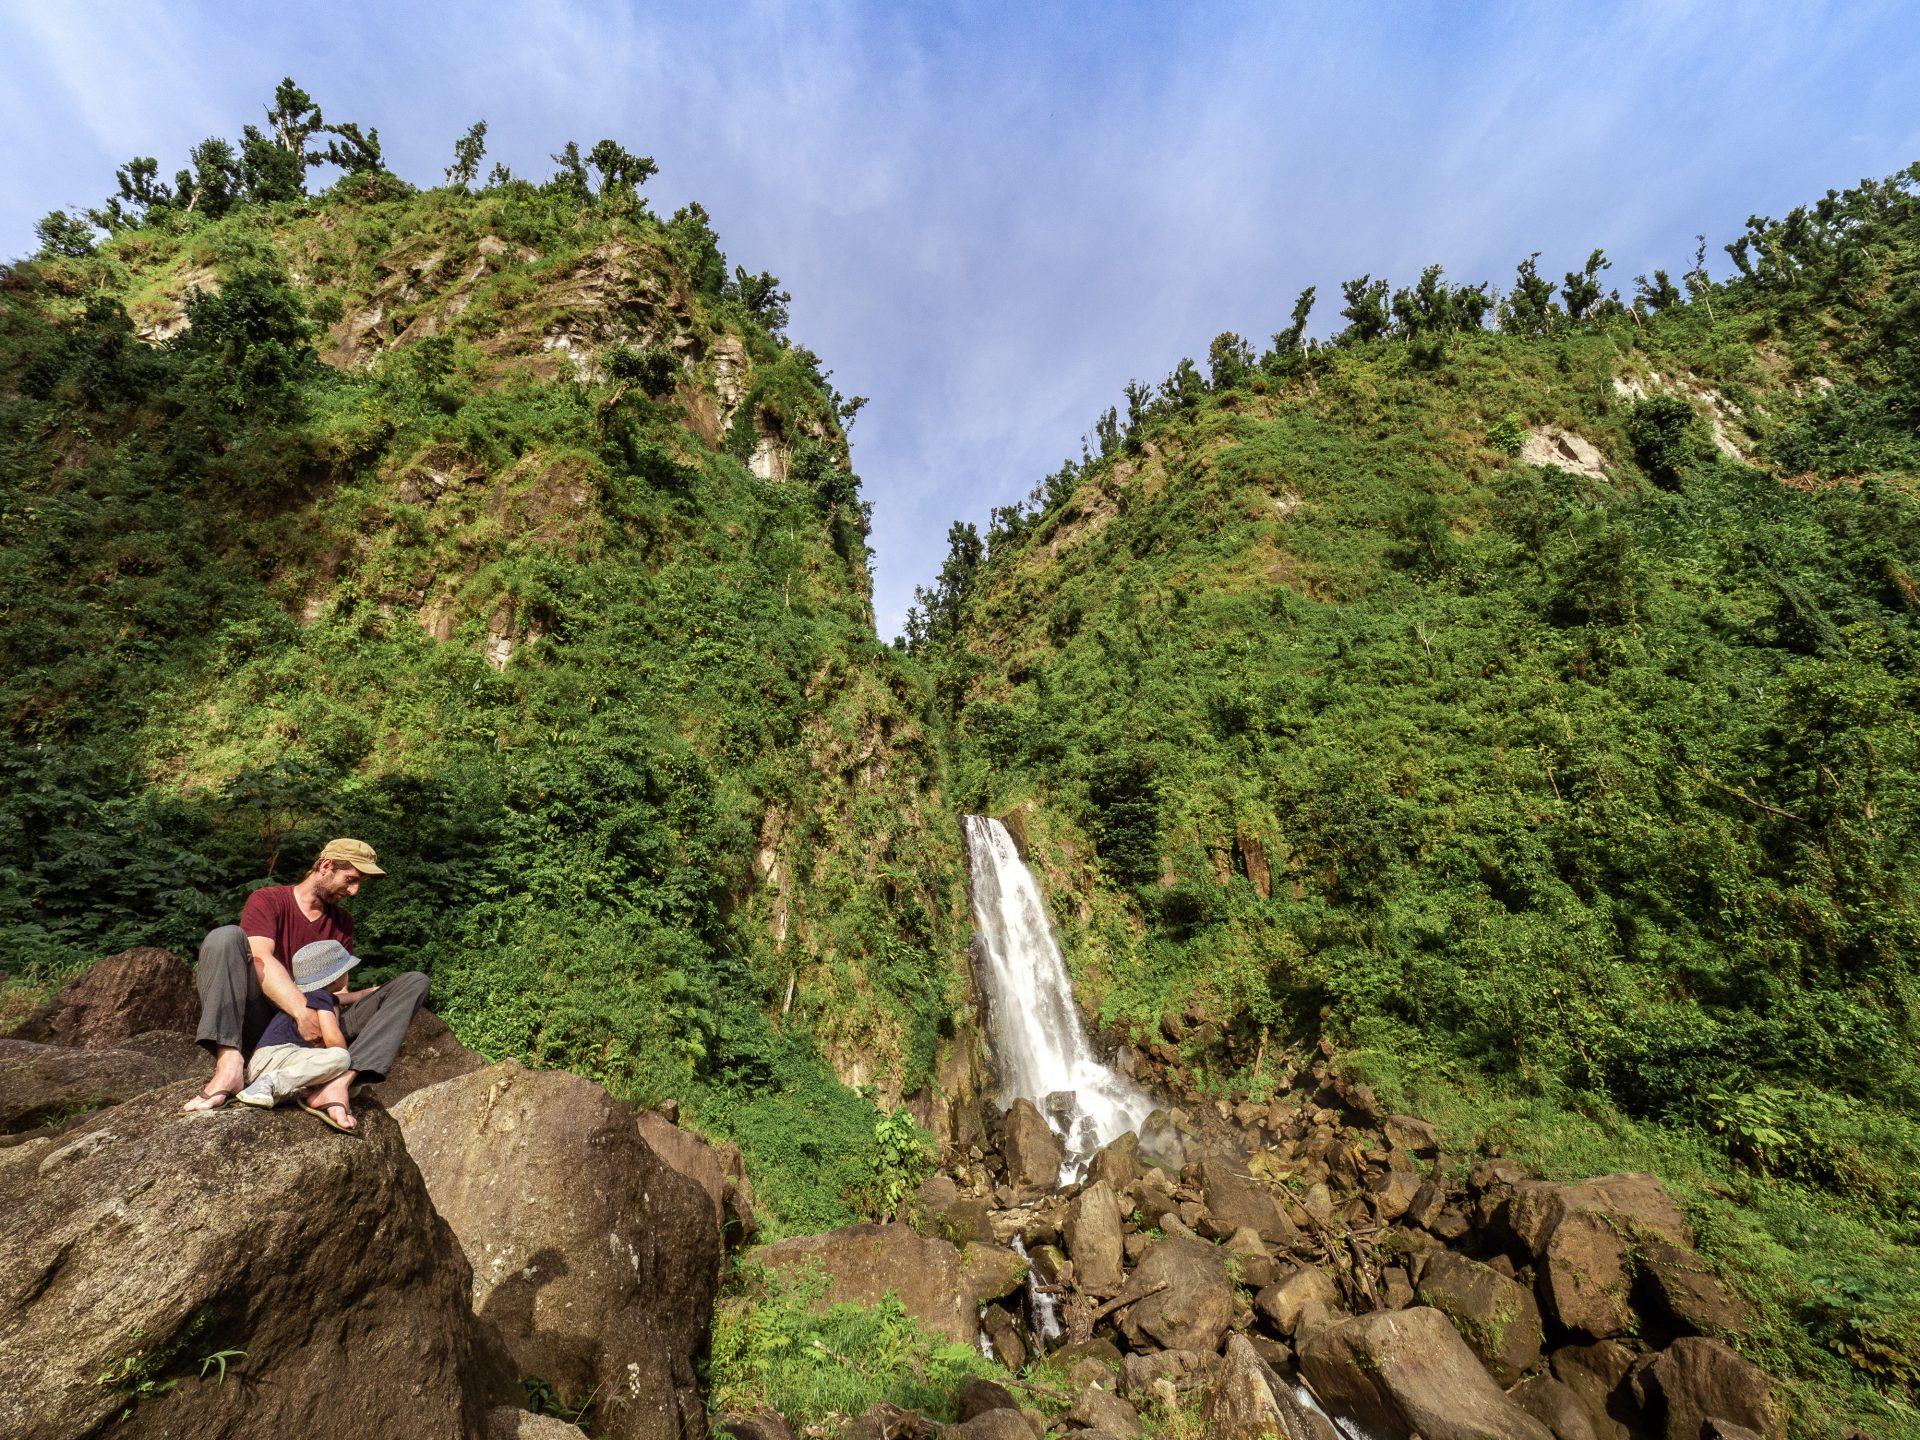 trafalgar falls 52572 - Les globe blogueurs - blog voyage nature